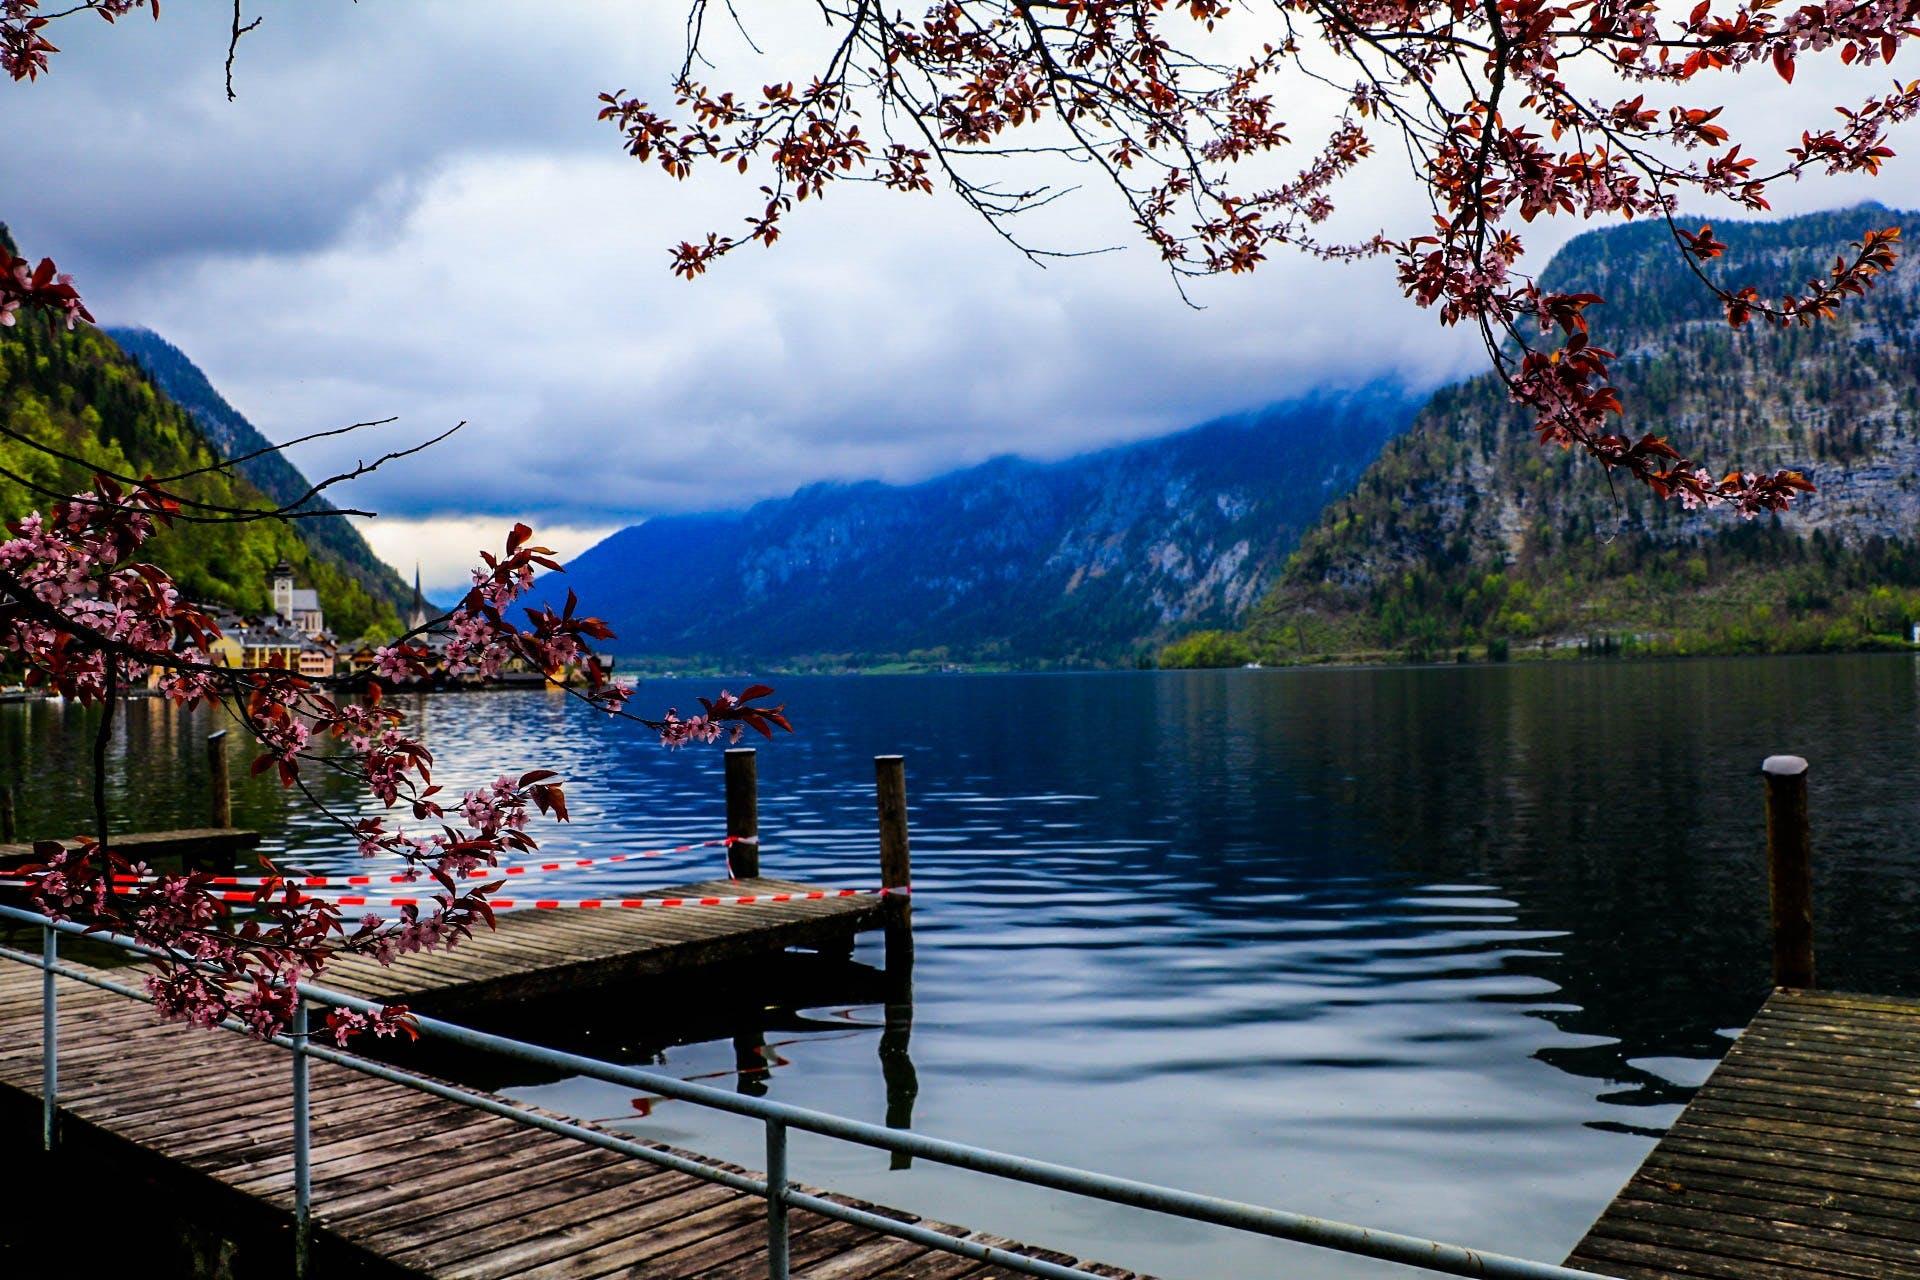 daylight, dock, lake